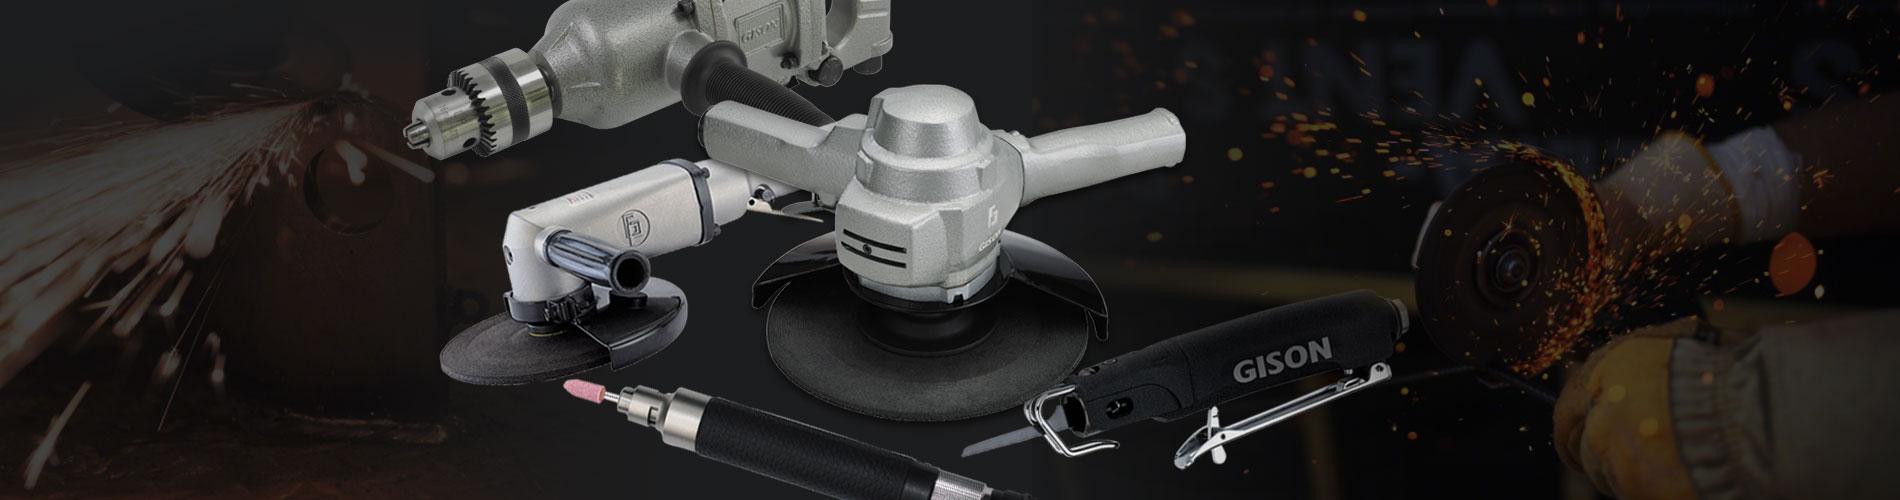 金屬加工氣動工具 應用於砂輪與 金屬切割及鑽孔